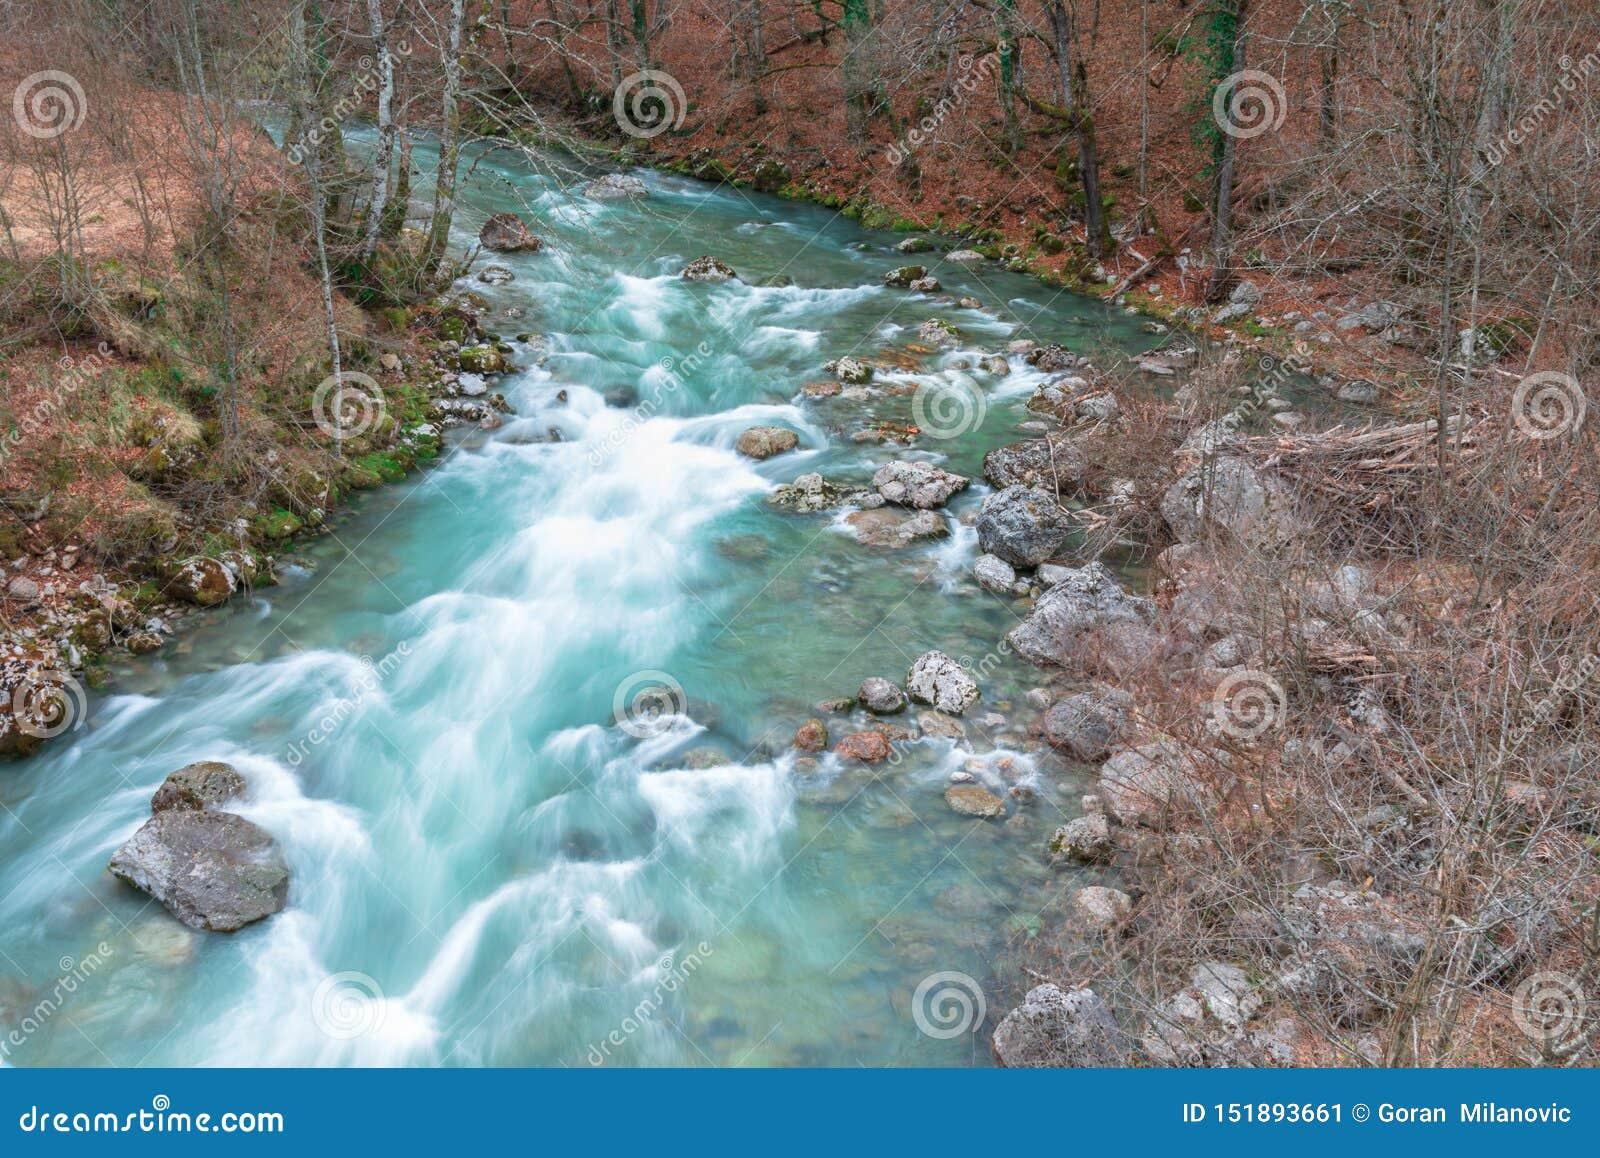 Άγριος ποταμός και το συναίσθημα της ελευθερίας